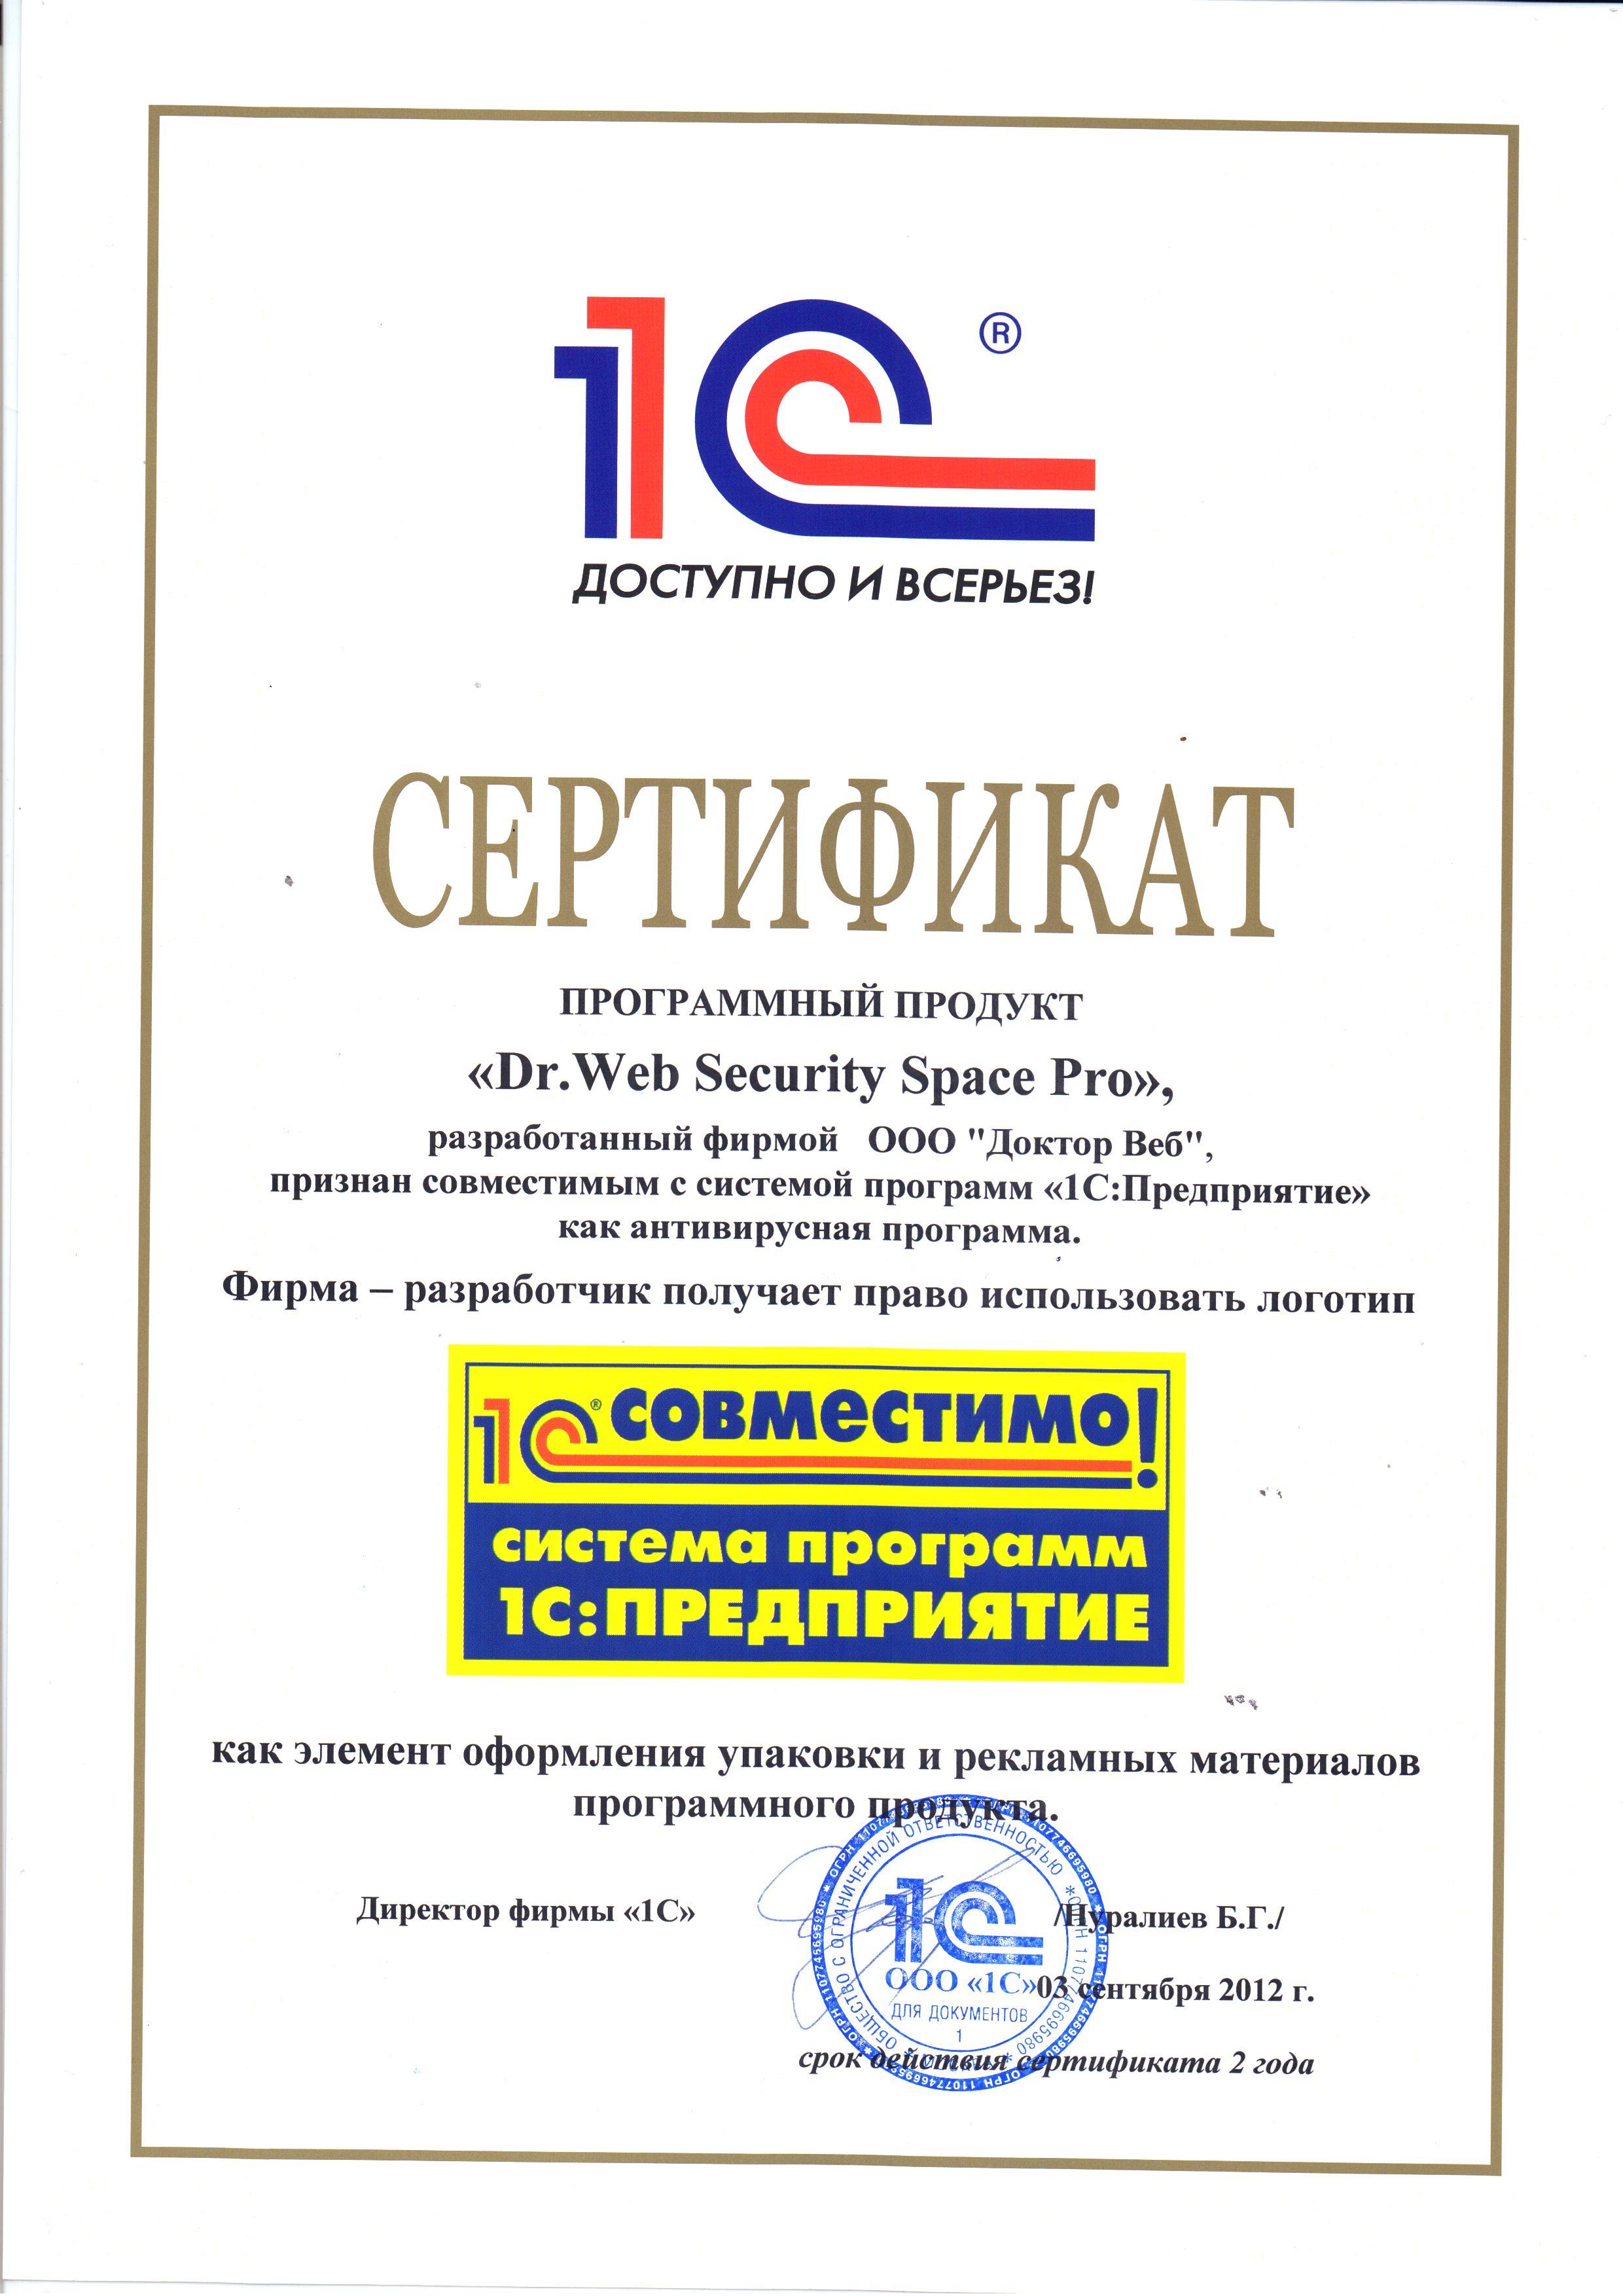 Сертификация астерикс получение сертификата системы менеджмента качества iso 9001